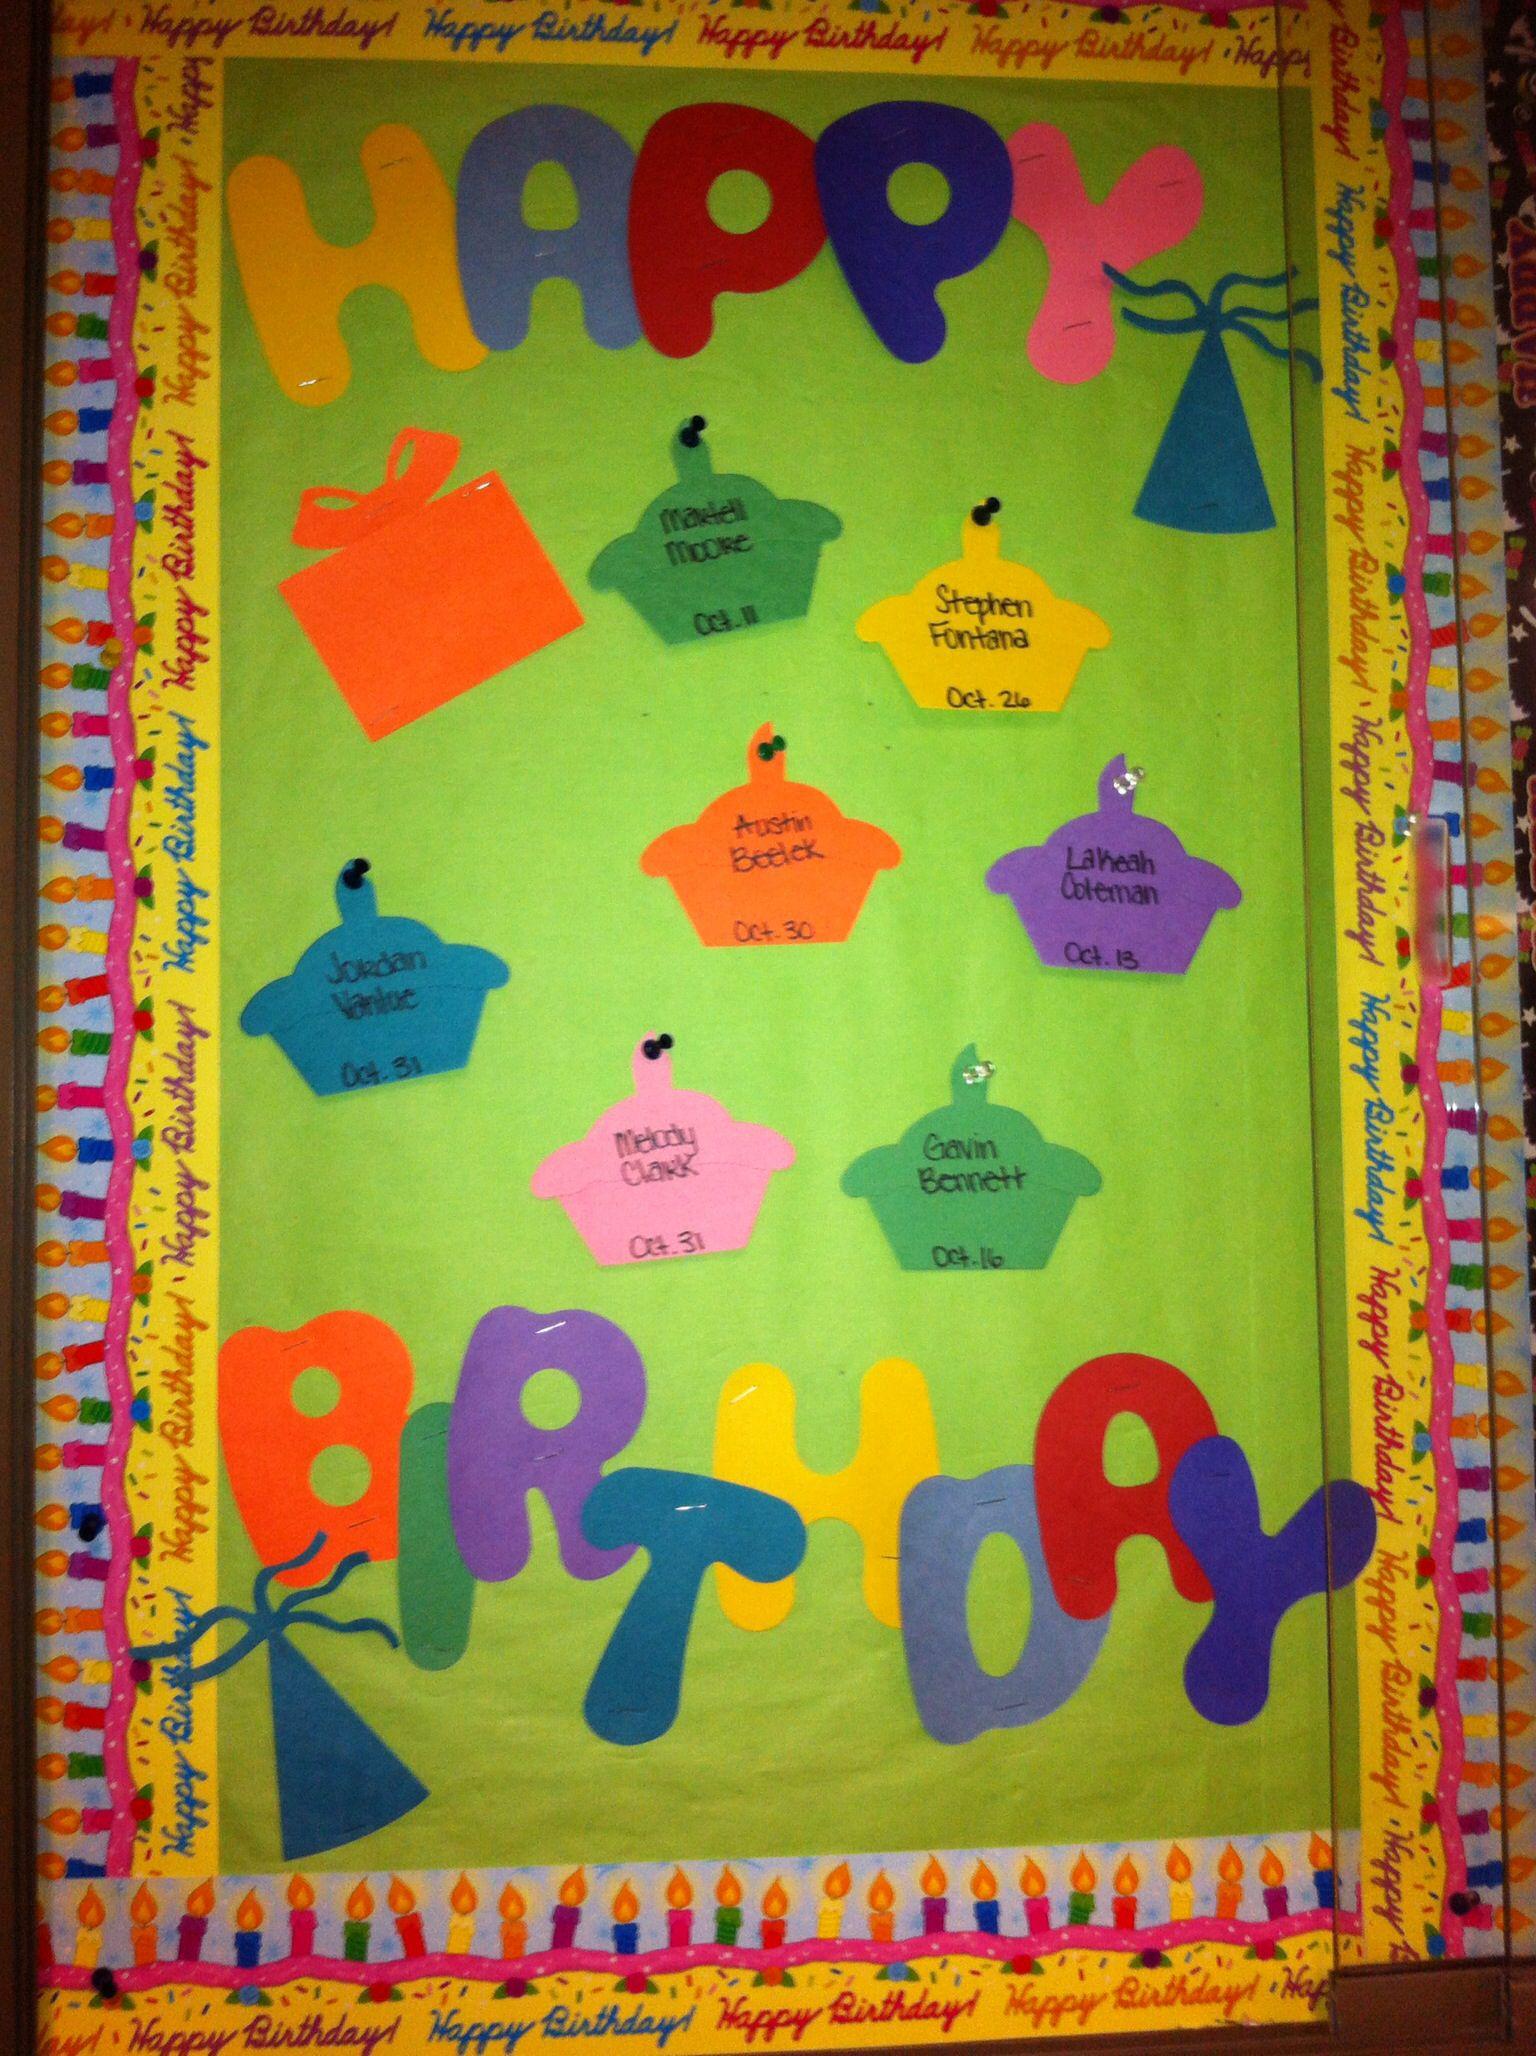 Happy Birthday Bulletin Board